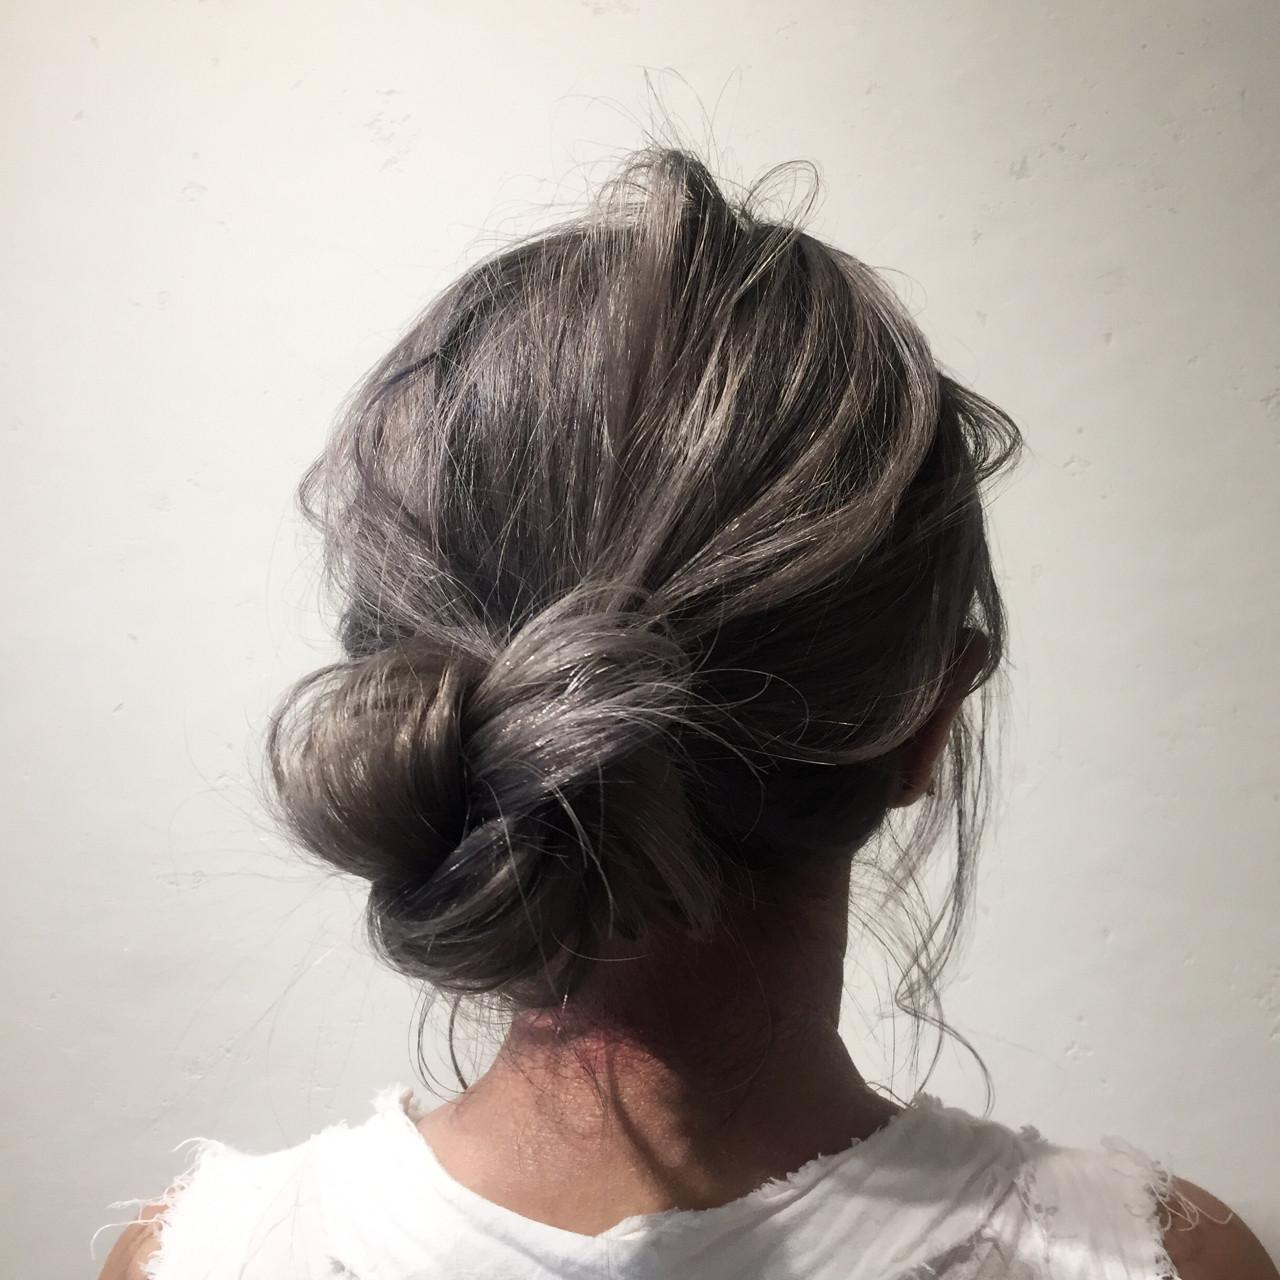 ナチュラル デート グレージュ ロング ヘアスタイルや髪型の写真・画像